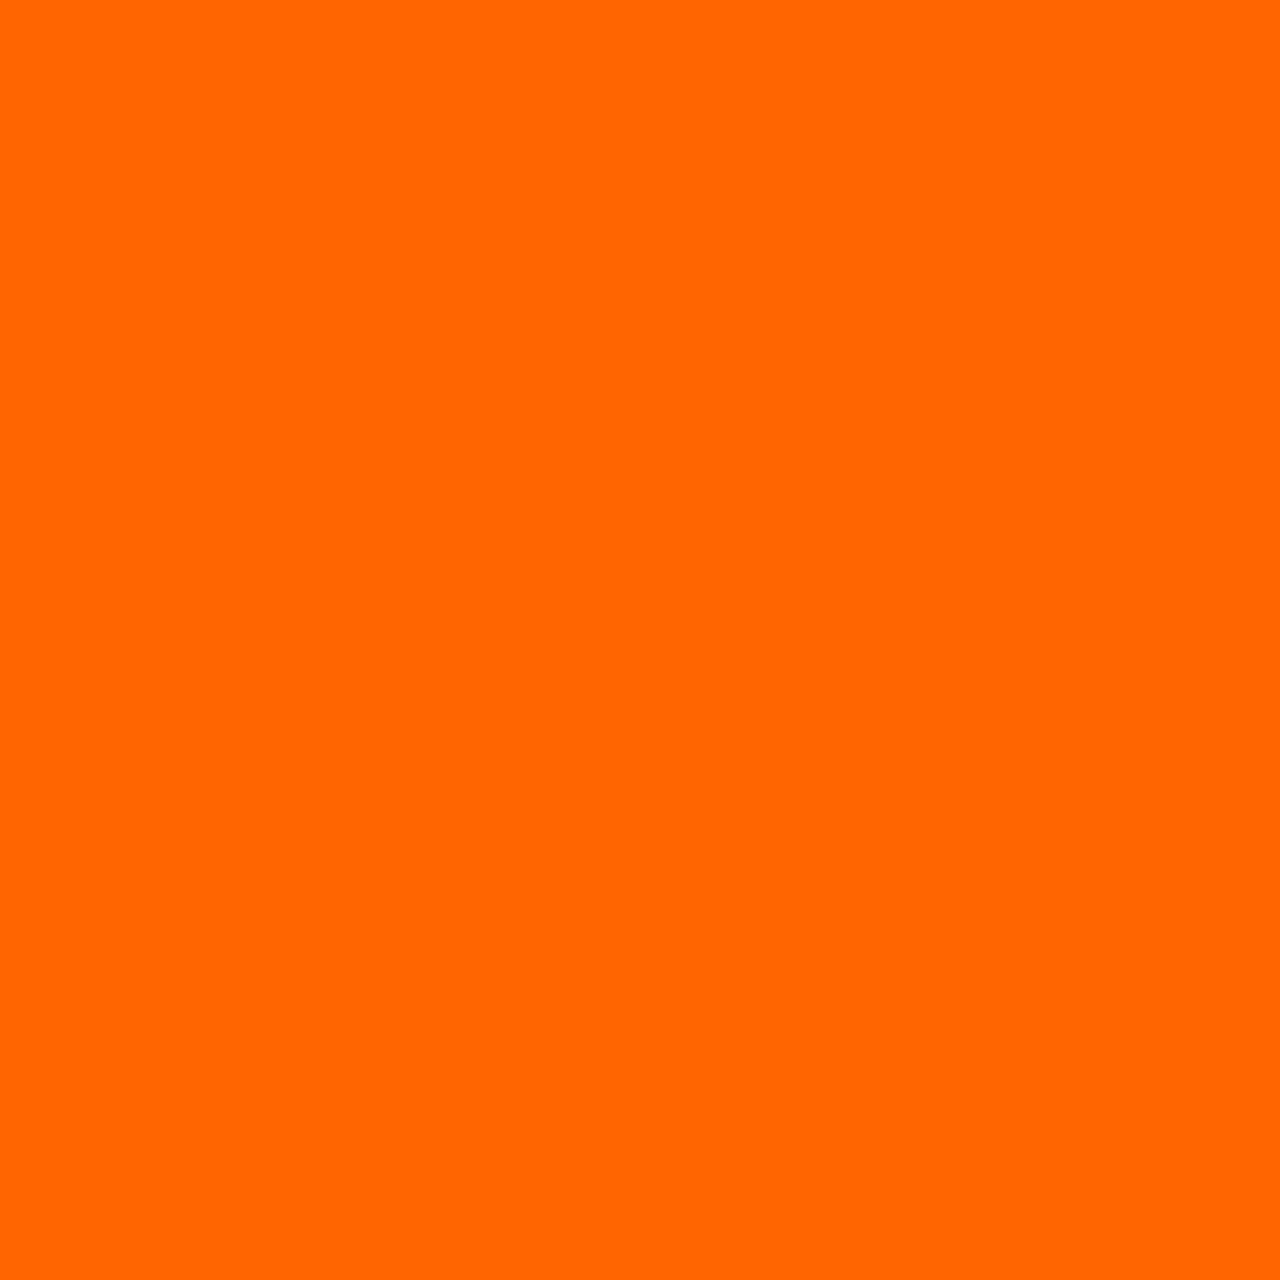 Team Orange Room